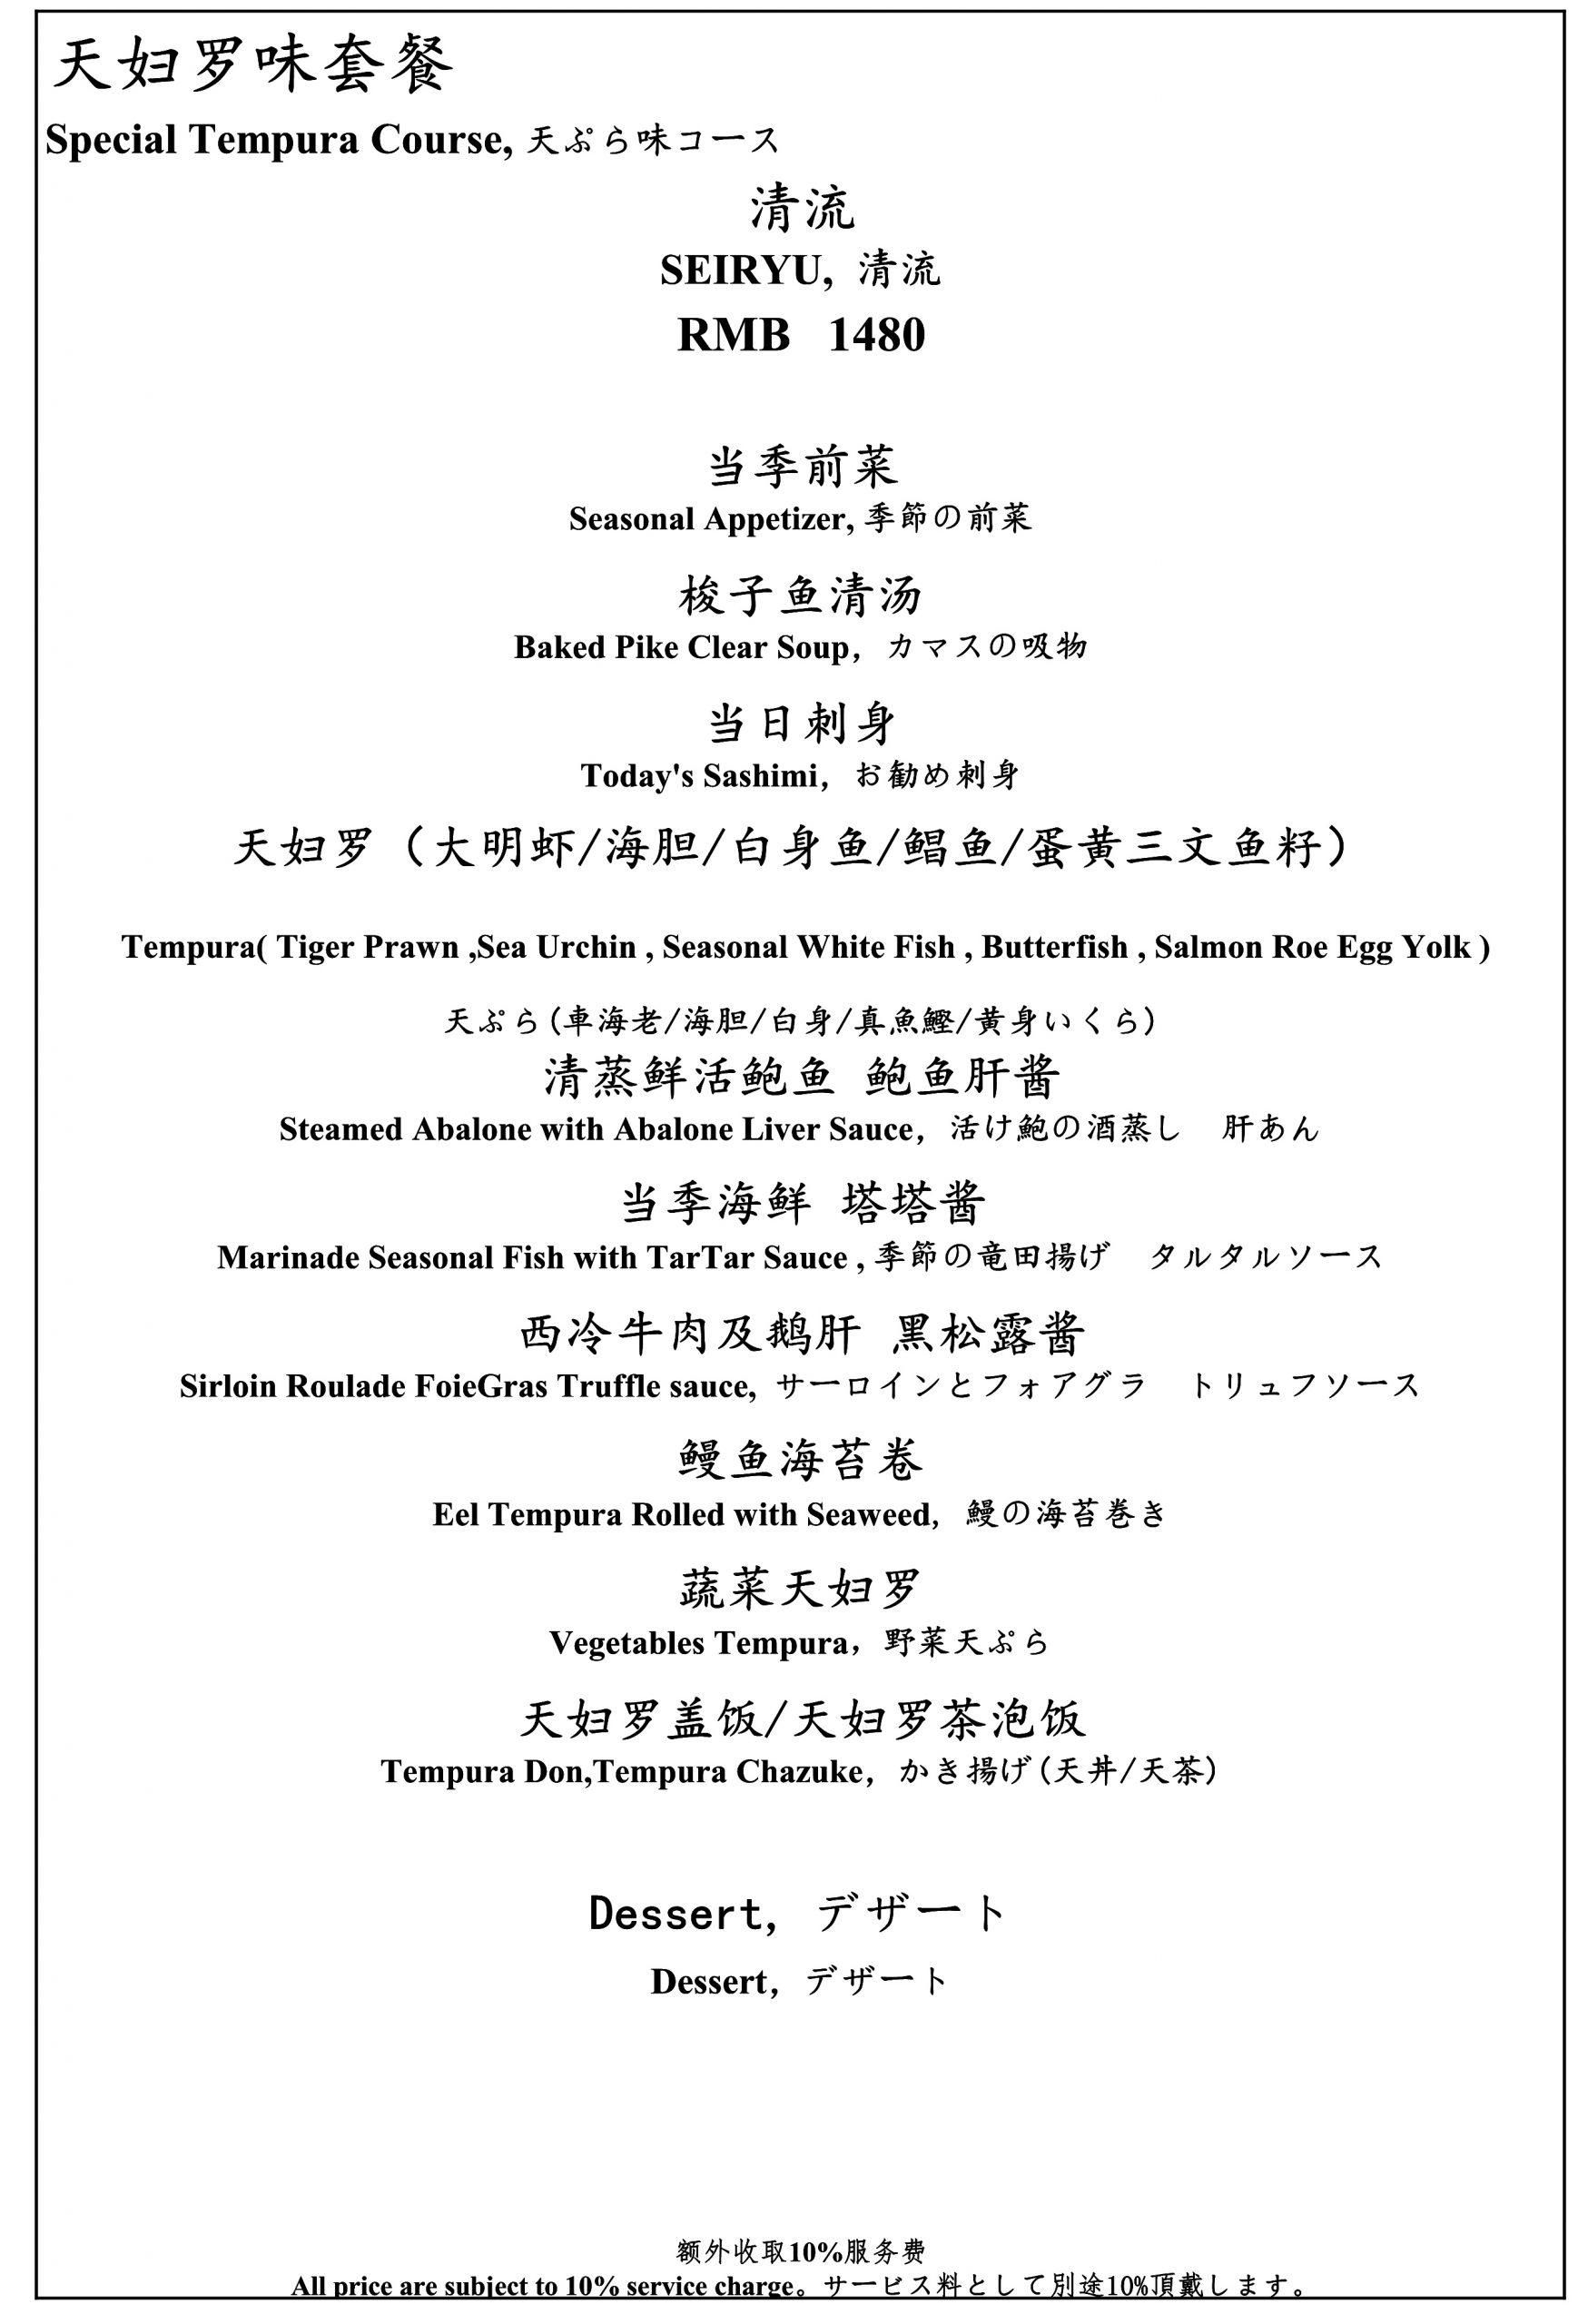 天ぷら [上海店] ディナーメニュー5